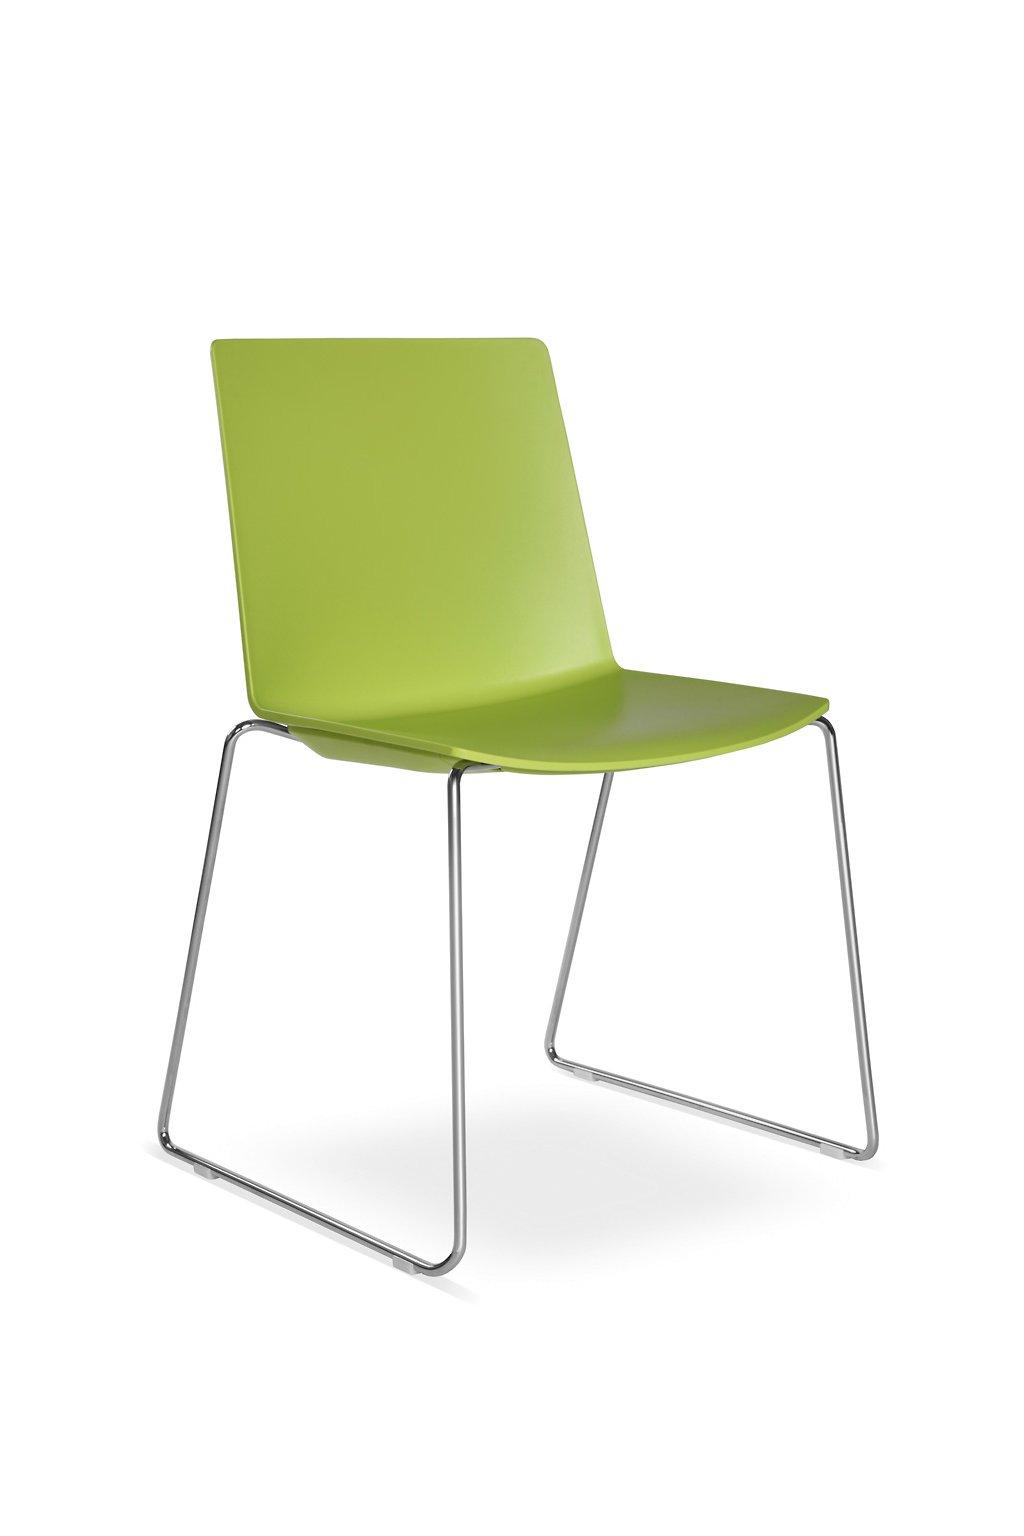 Konferenční židle SKY FRESCH 040 - N4 zelená